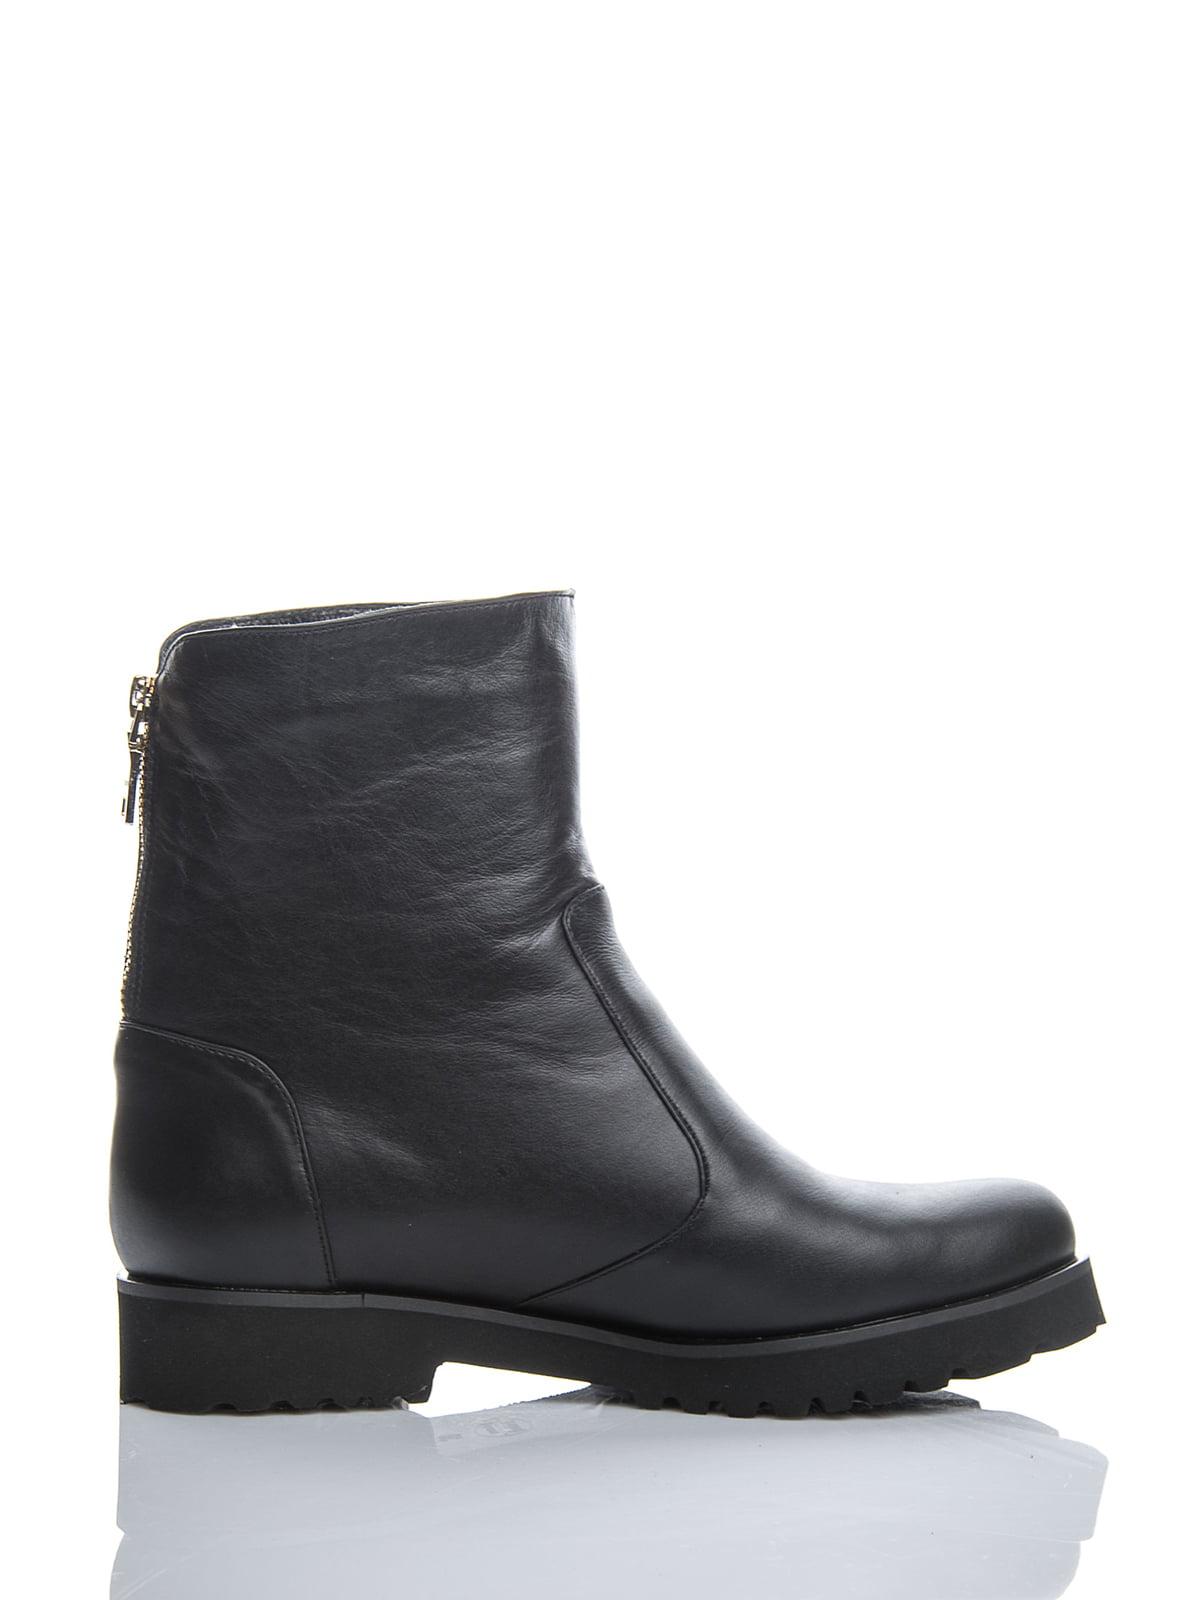 Ботинки черные | 2705847 | фото 3